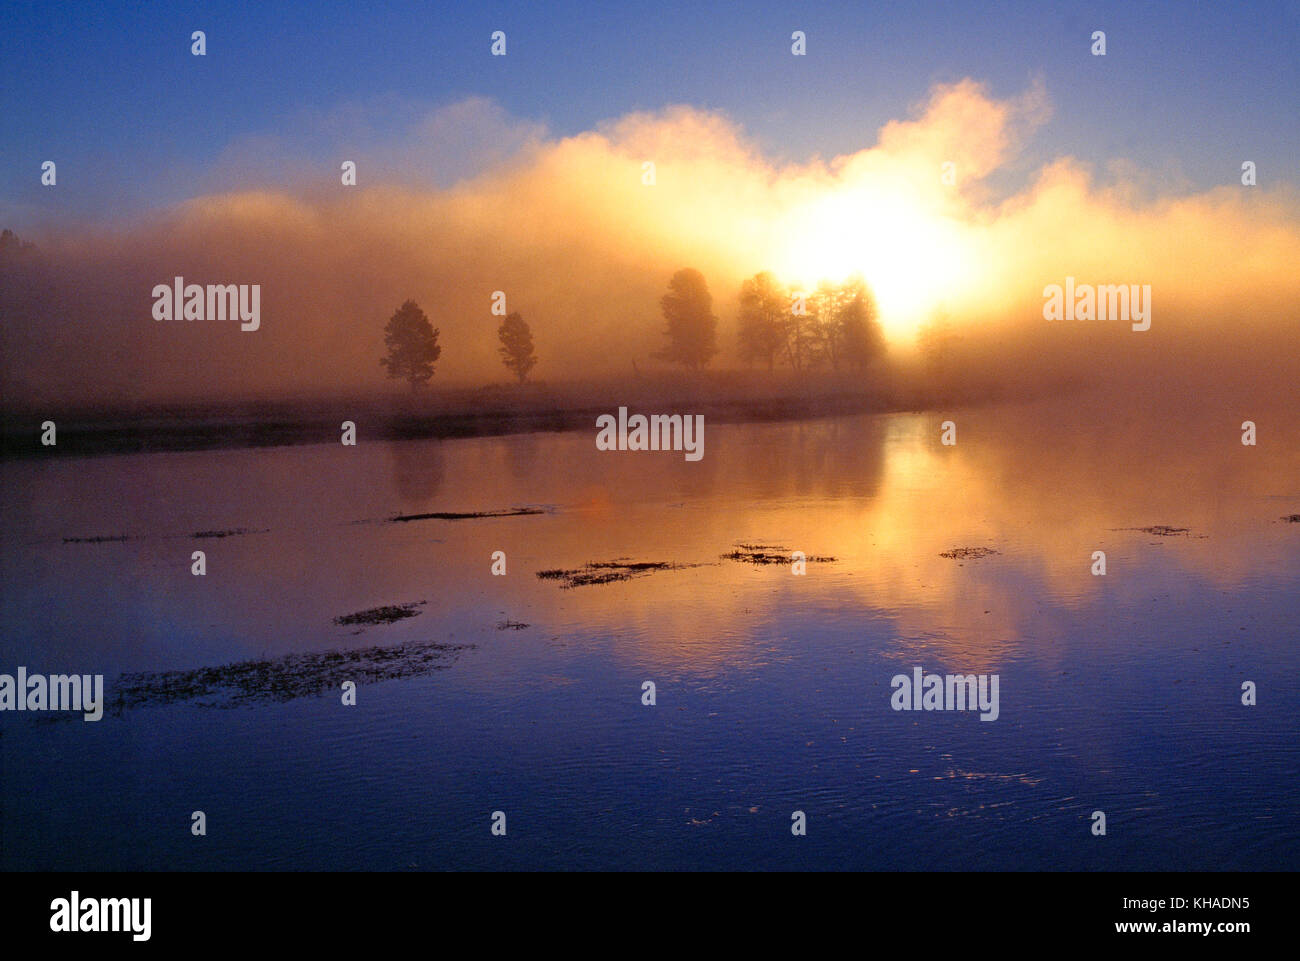 Ee.Uu. wyoming. El parque nacional de Yellowstone. Misty amanecer sobre alum Creek. Imagen De Stock